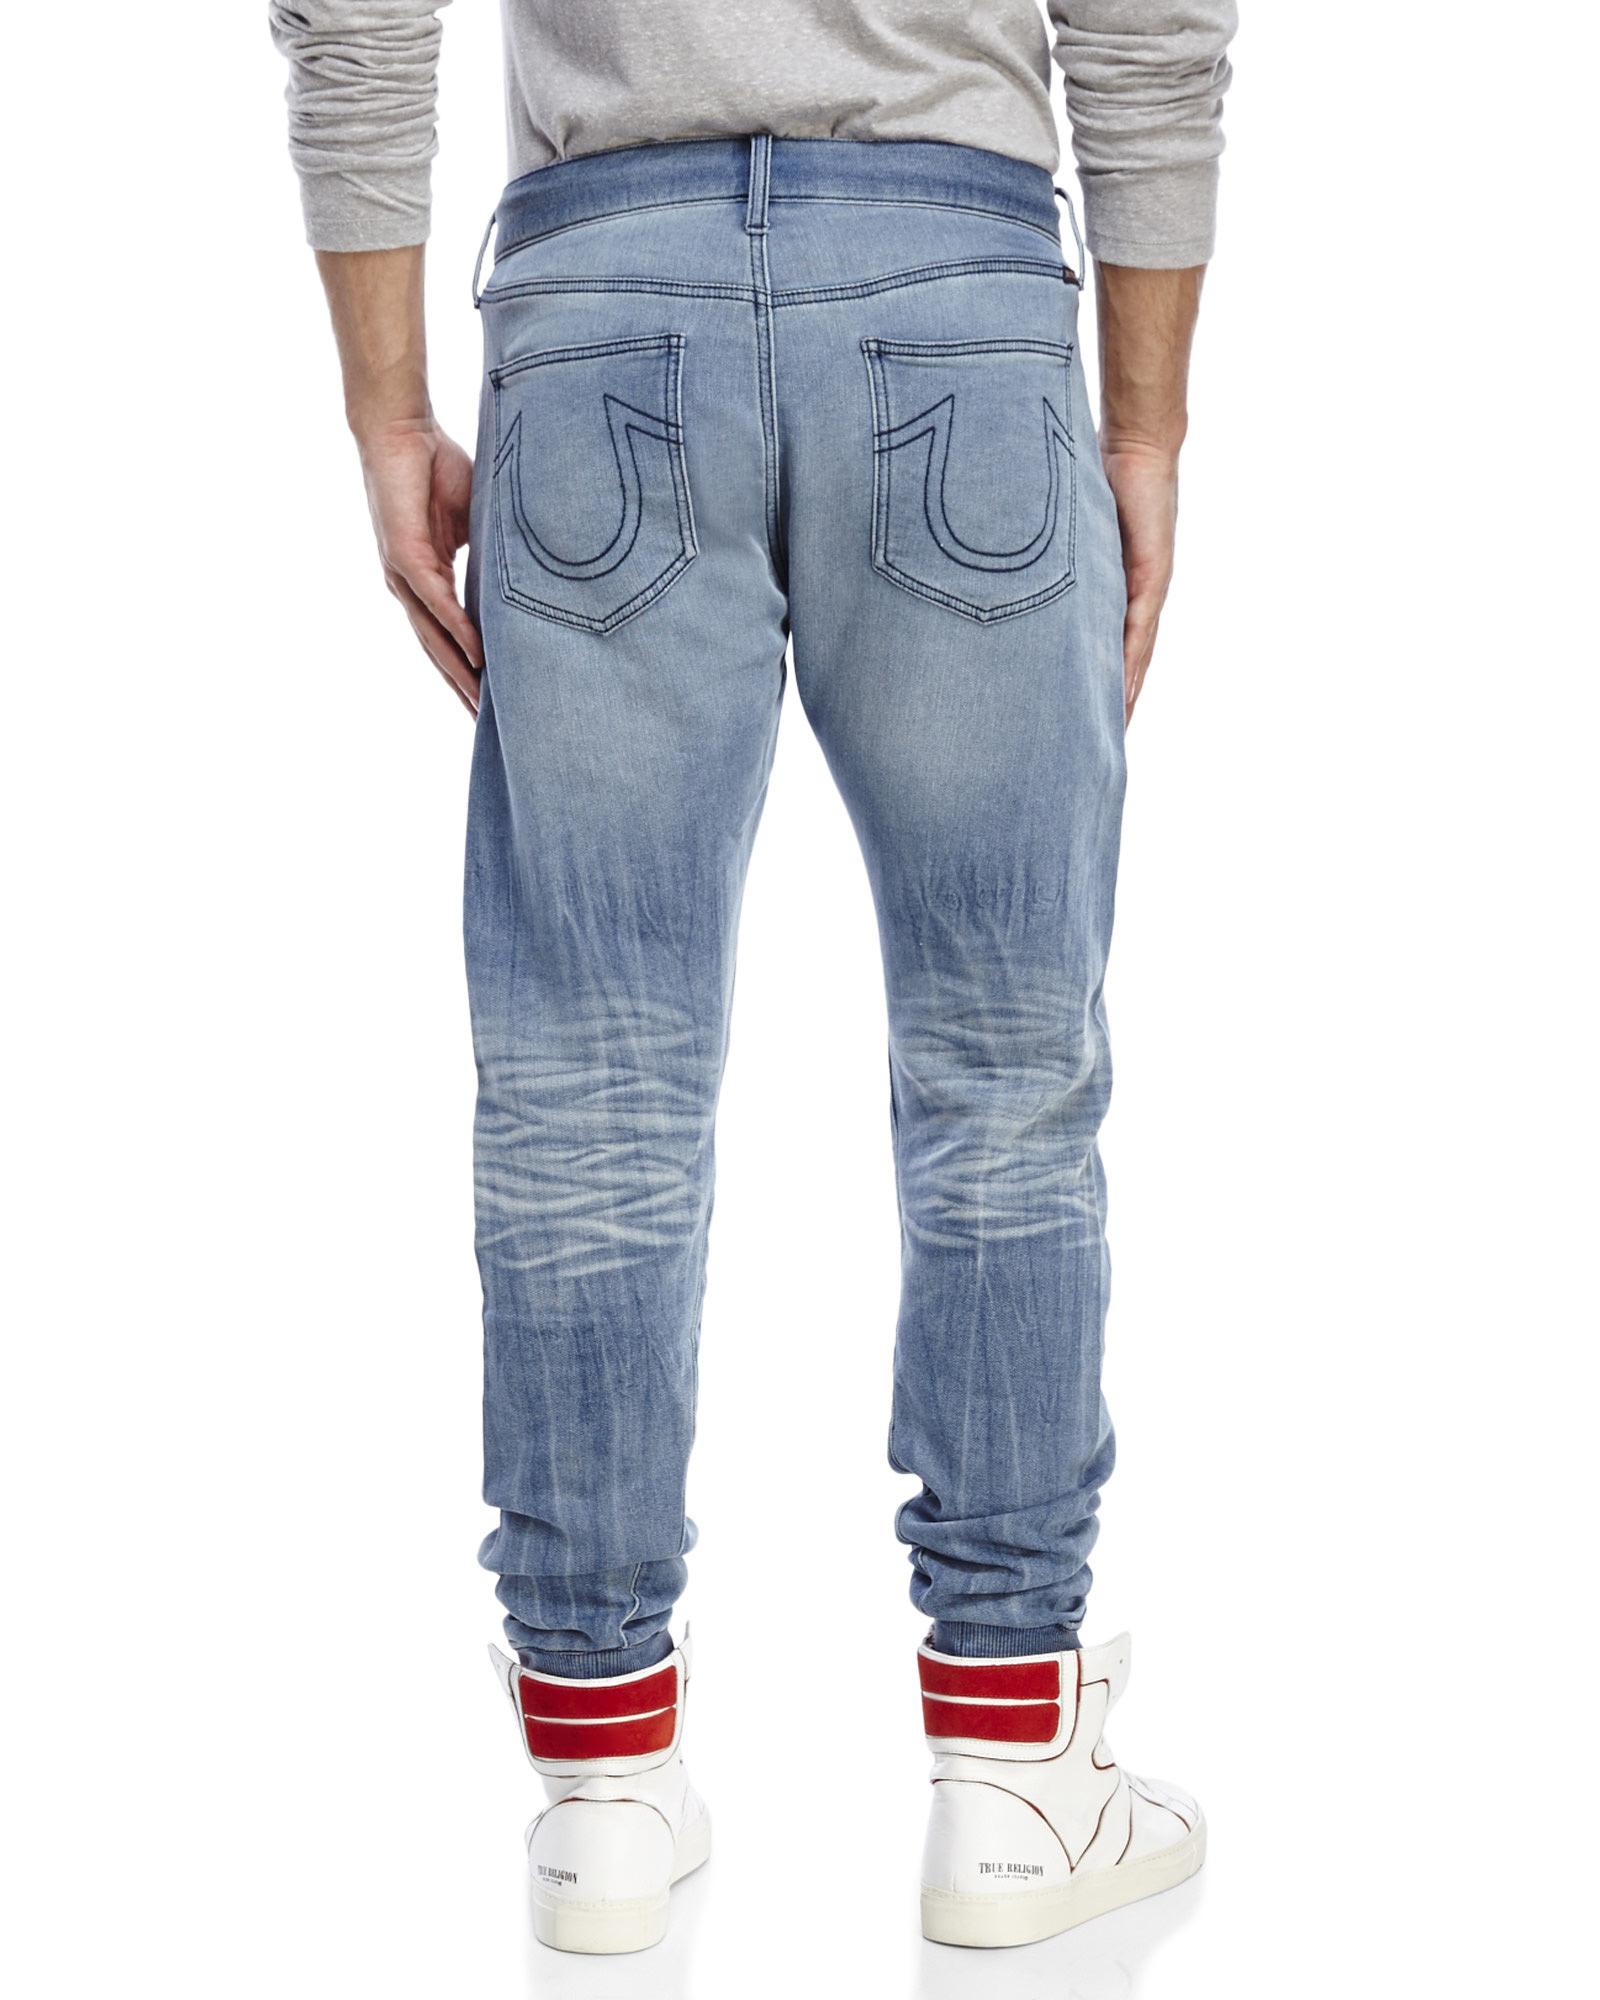 Lyst - True Religion Runner Jogger Pants in Blue for Men b5f09eac6b19